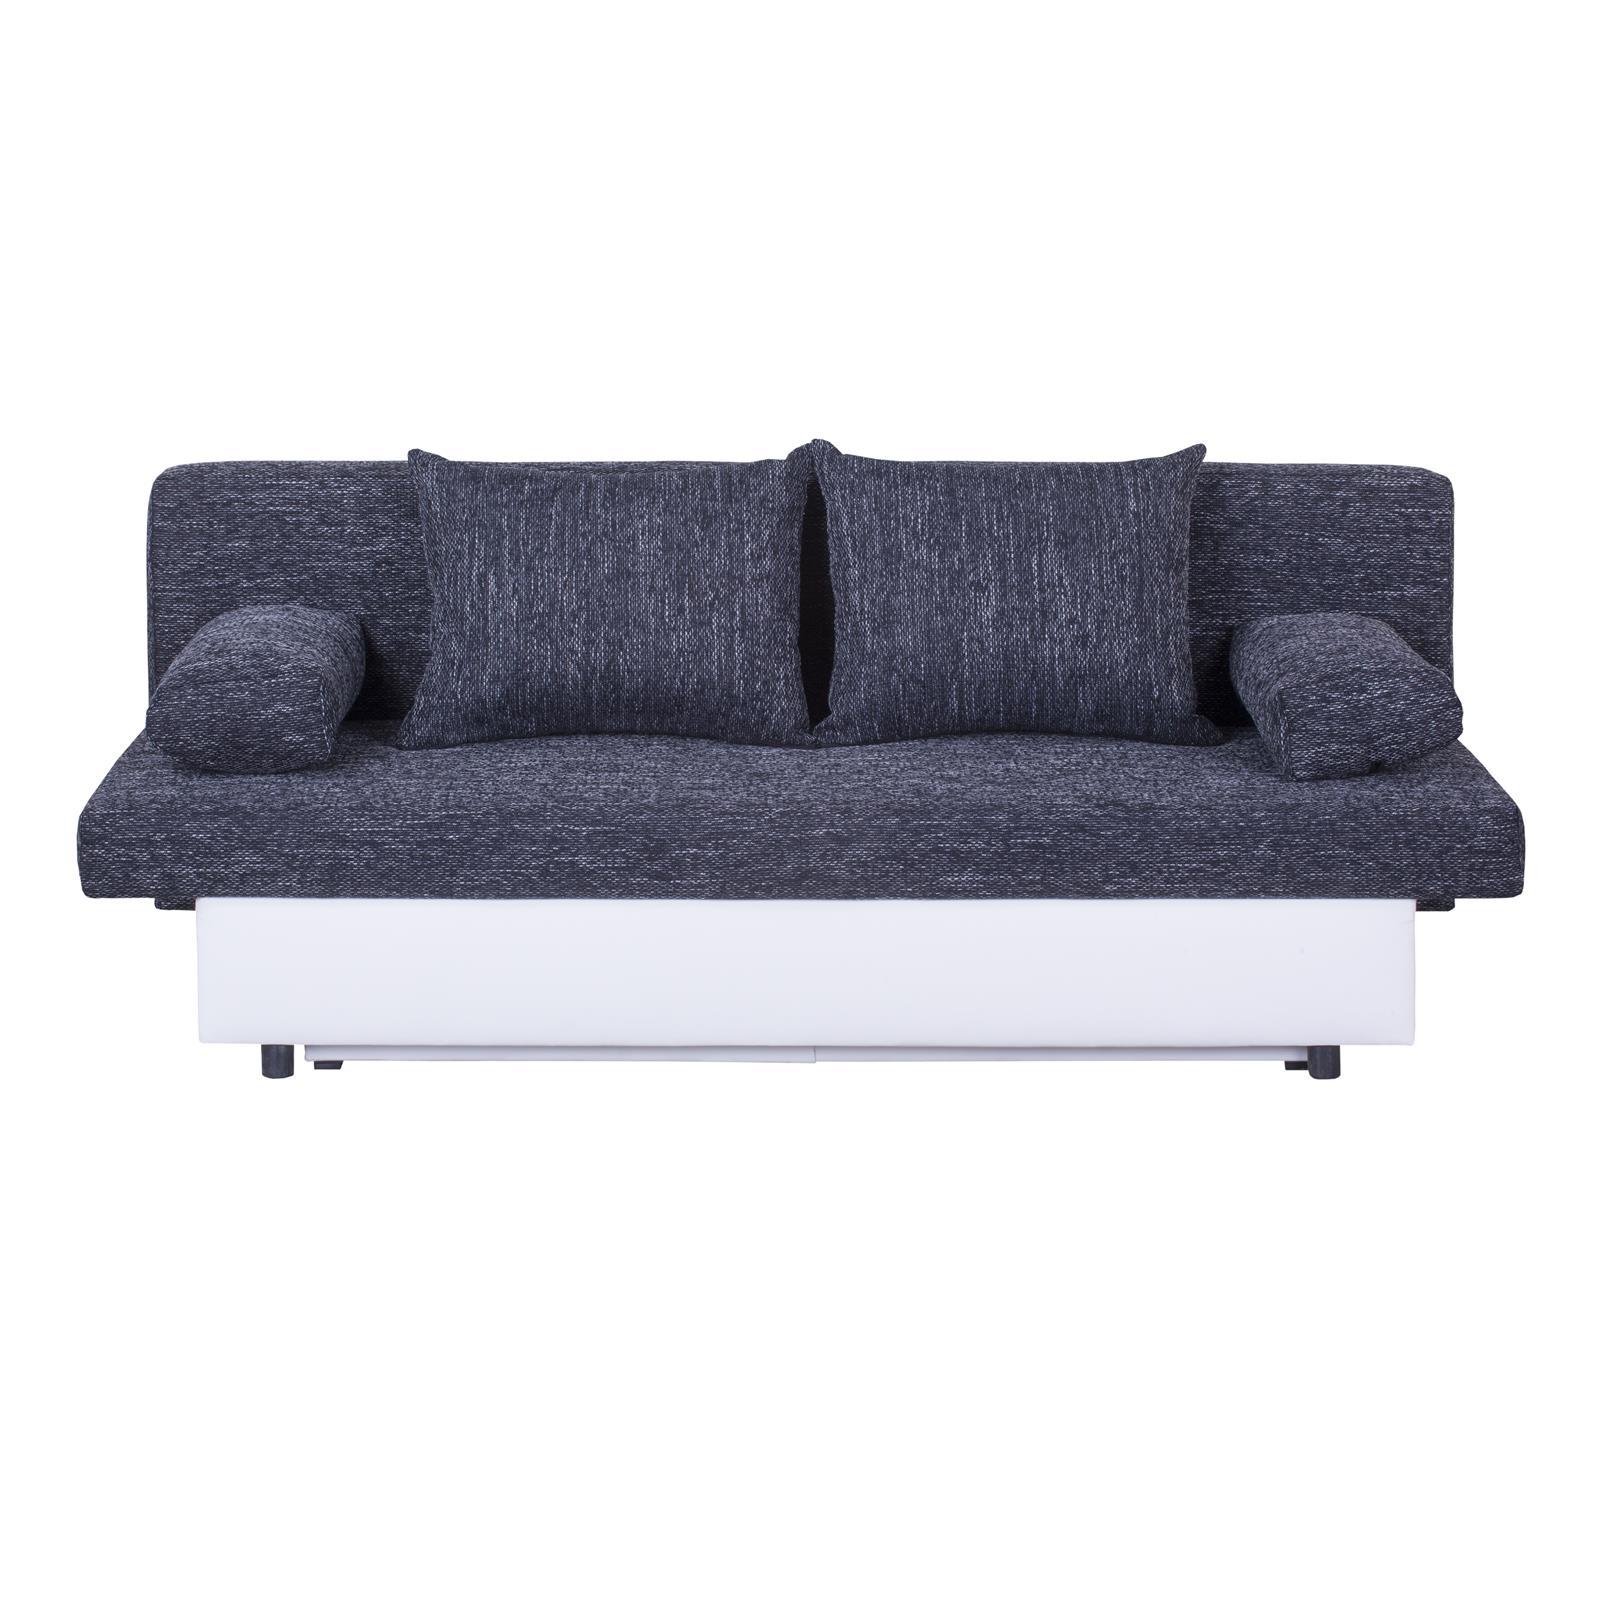 schlafsofa couch 2 sitzer mit schlaffunktion und bettkasten grau oder schwarz ebay. Black Bedroom Furniture Sets. Home Design Ideas